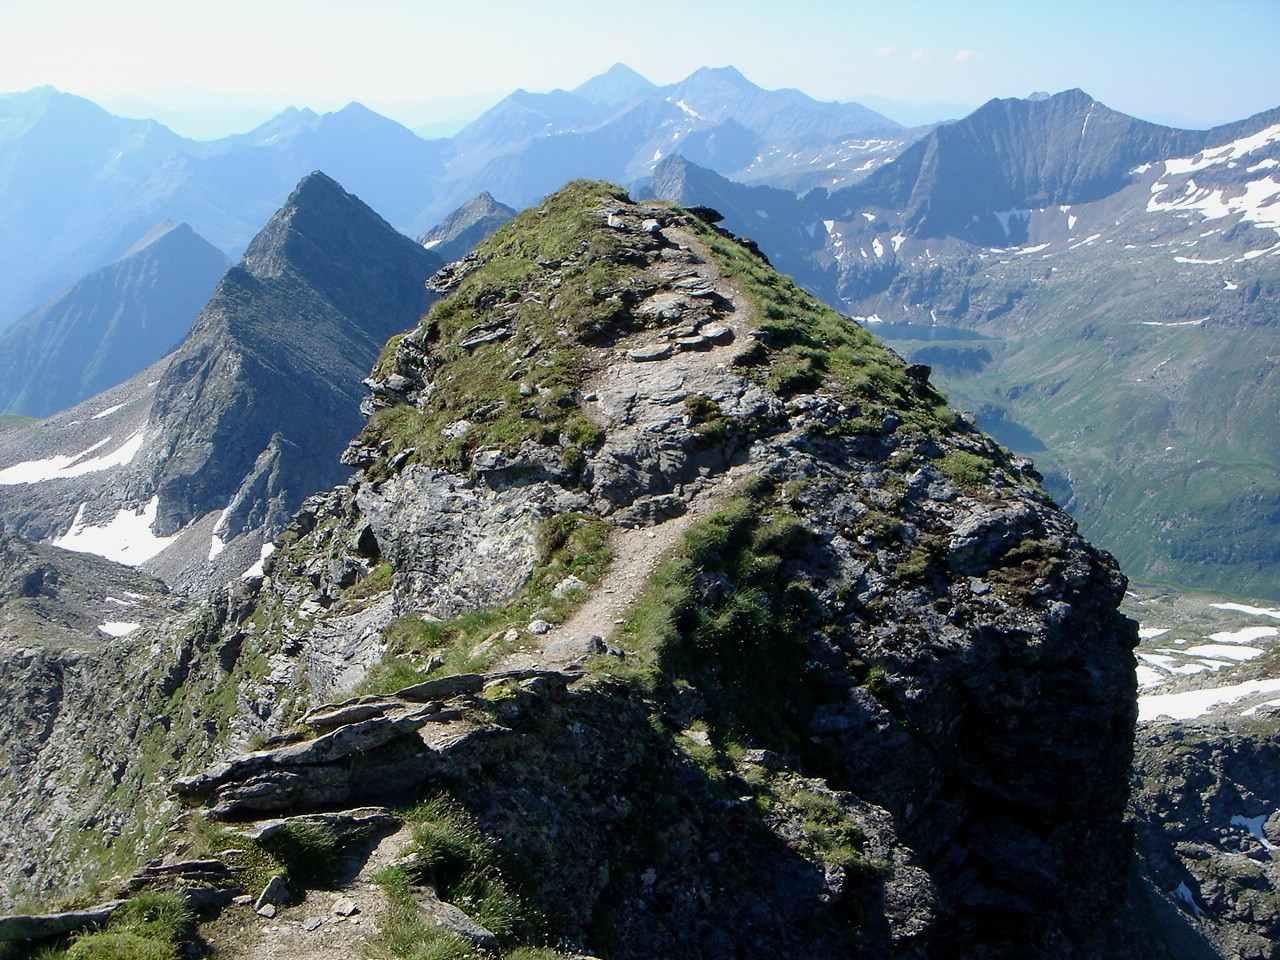 Foto: Manfred Karl / Wander Tour / Hochwildstelle-Überschreitung / Am luftigen Südgrat / 15.06.2007 22:54:52